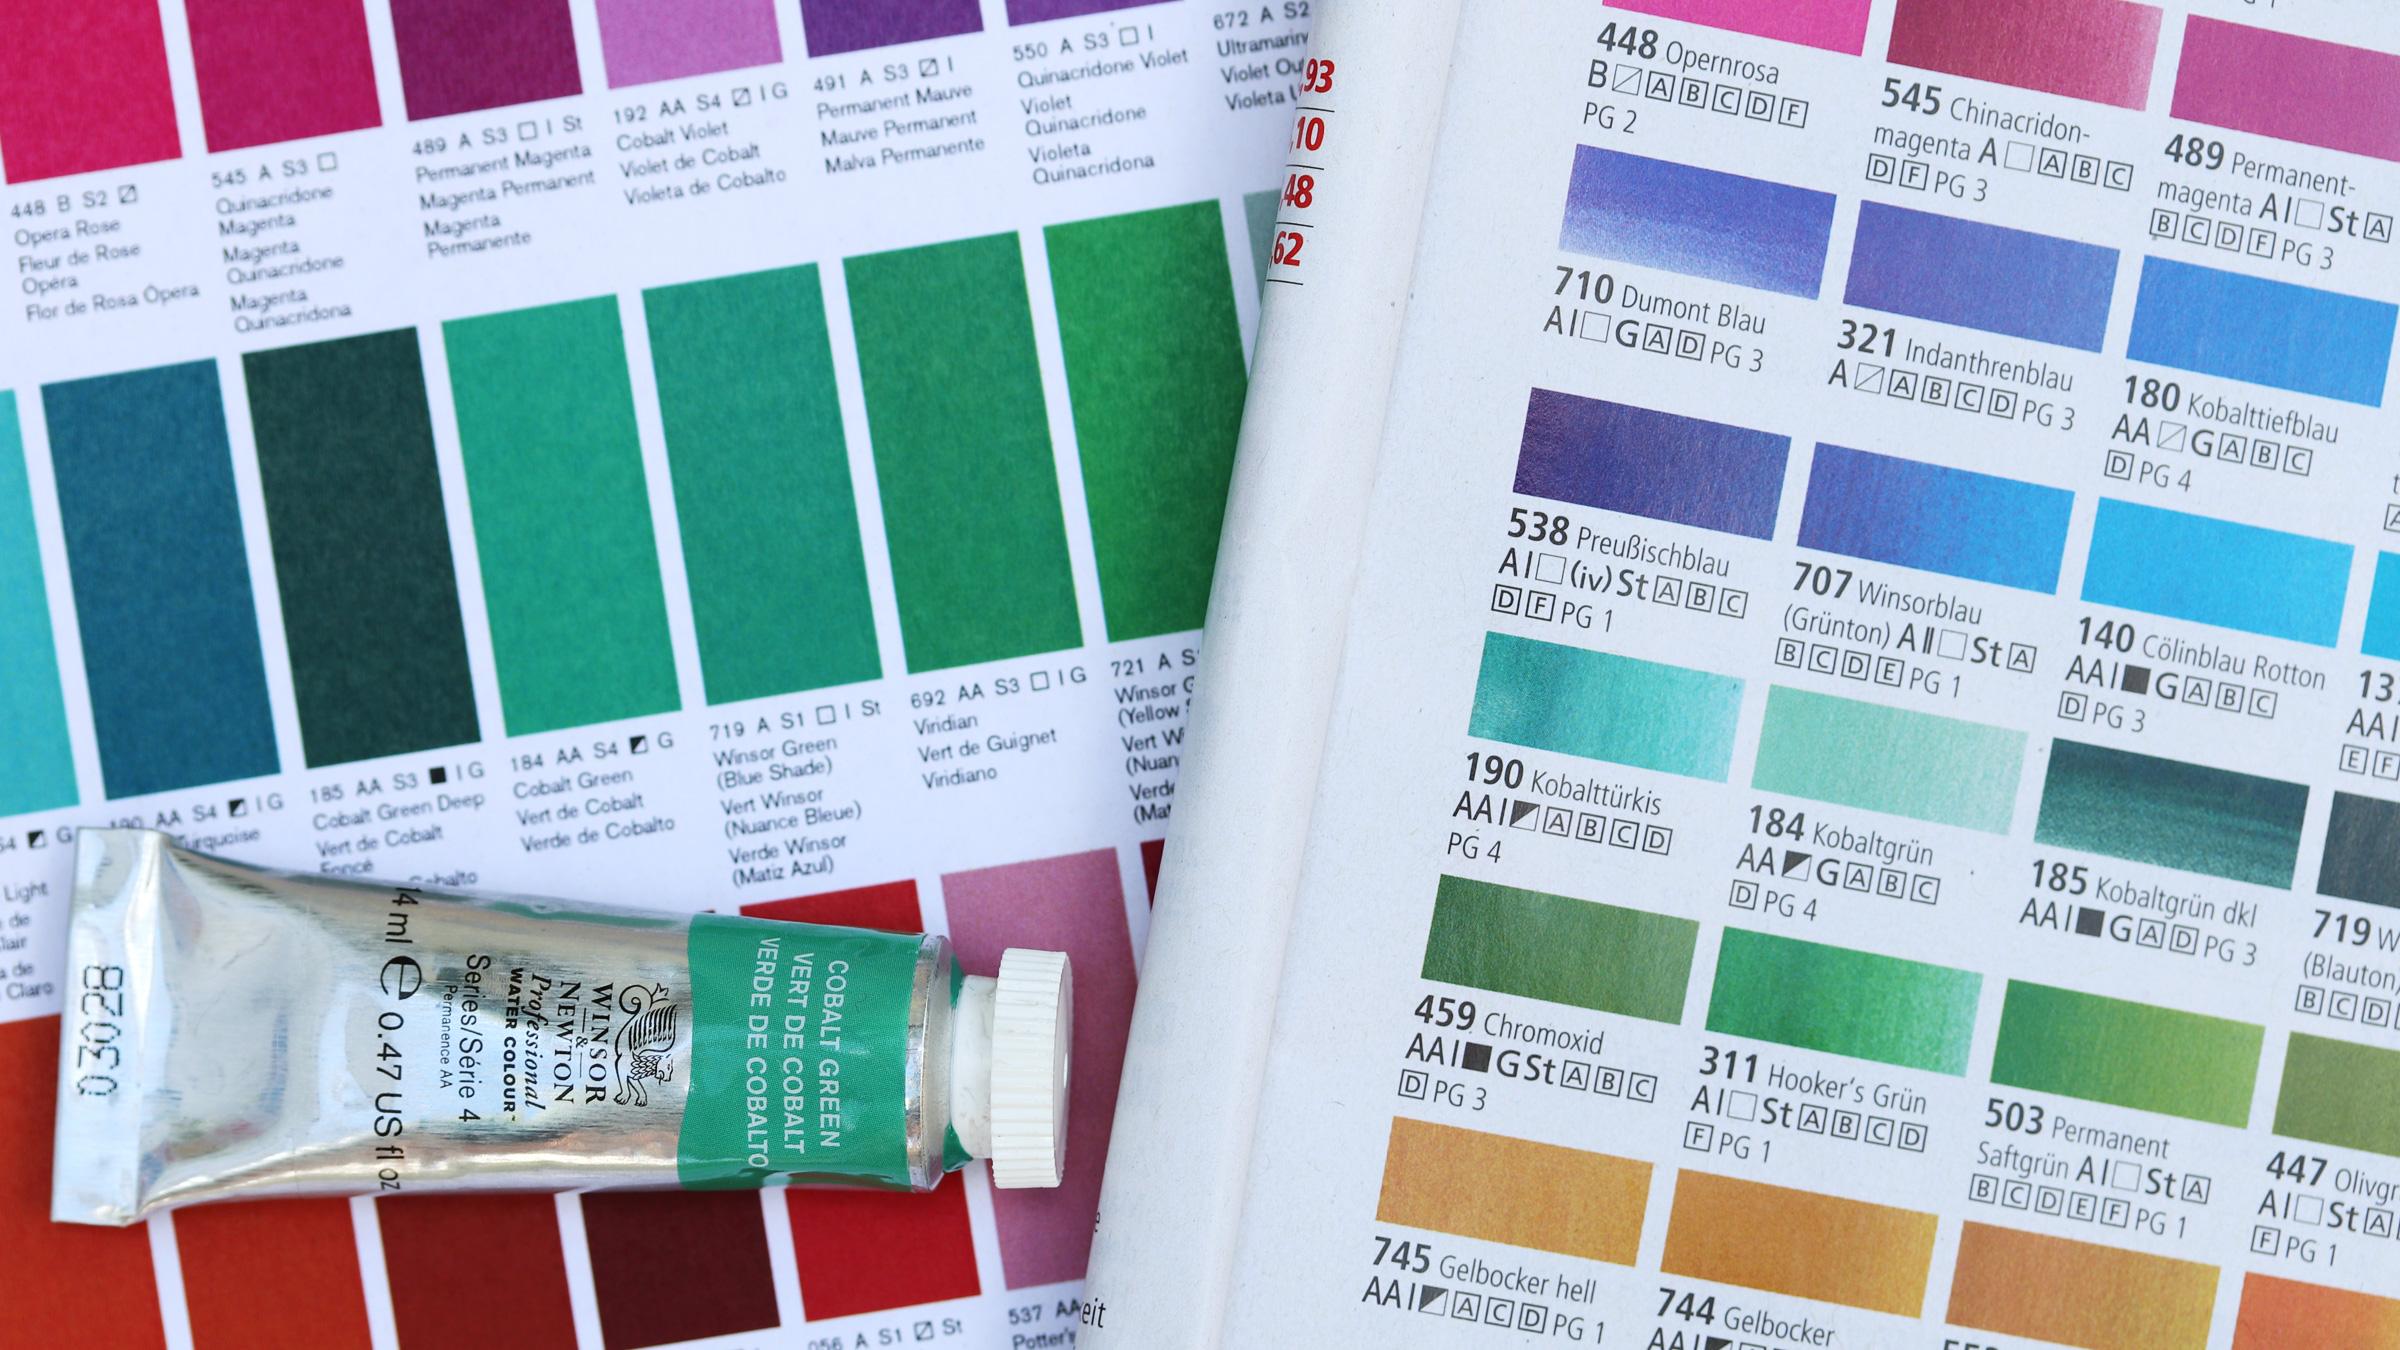 Granulierende Aquarellfarbe – Winsor and Newton Professional Watercolour, Farbkarte, Tube und Angaben im Katalog eines Händlers für Künsterbedarf